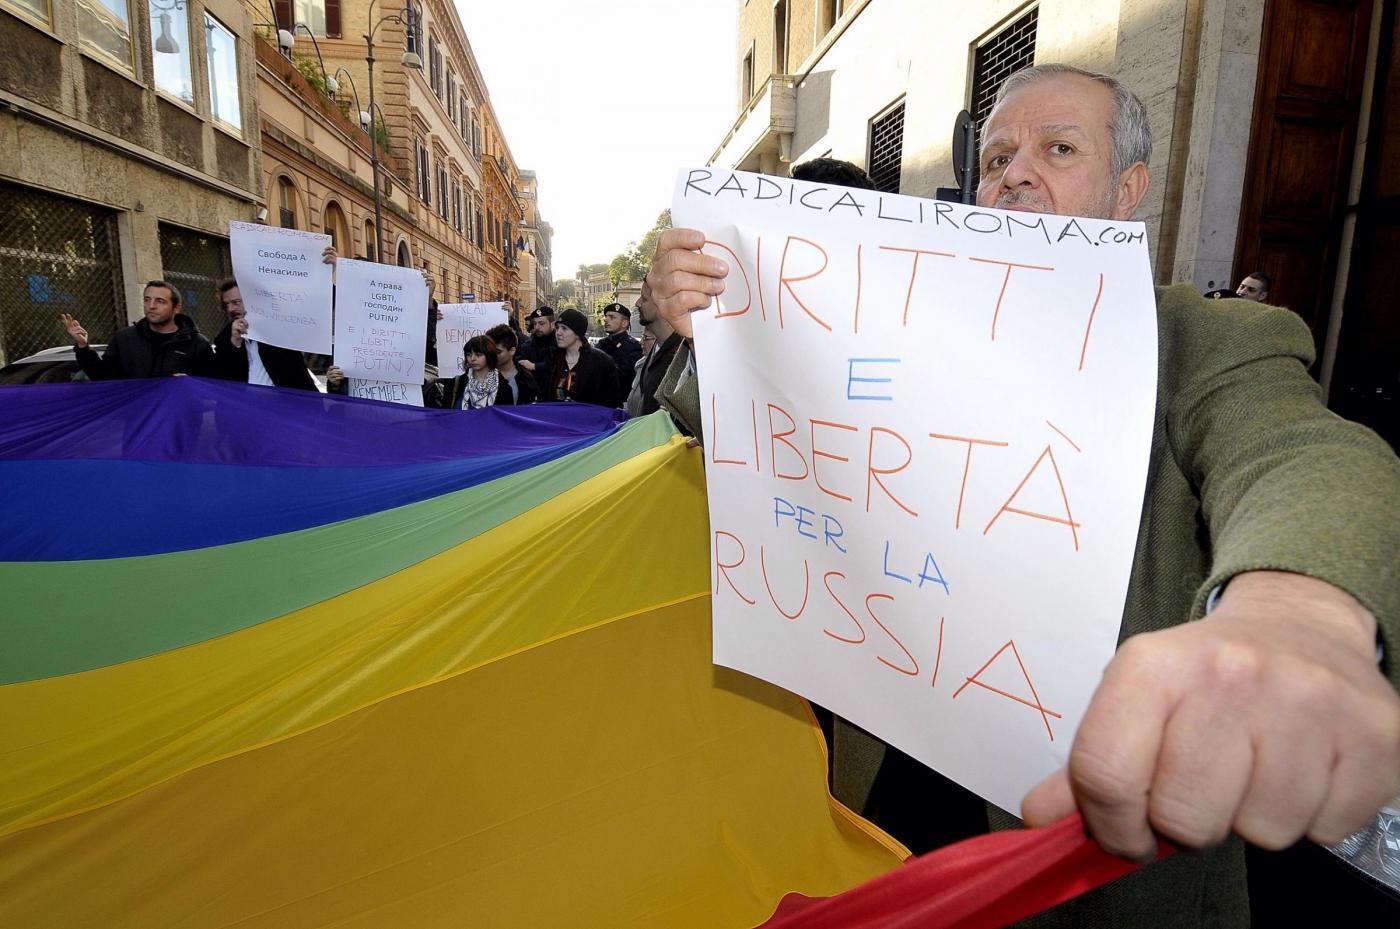 Manifestazione indetta da Gay Center presso l'Ambasciata russa